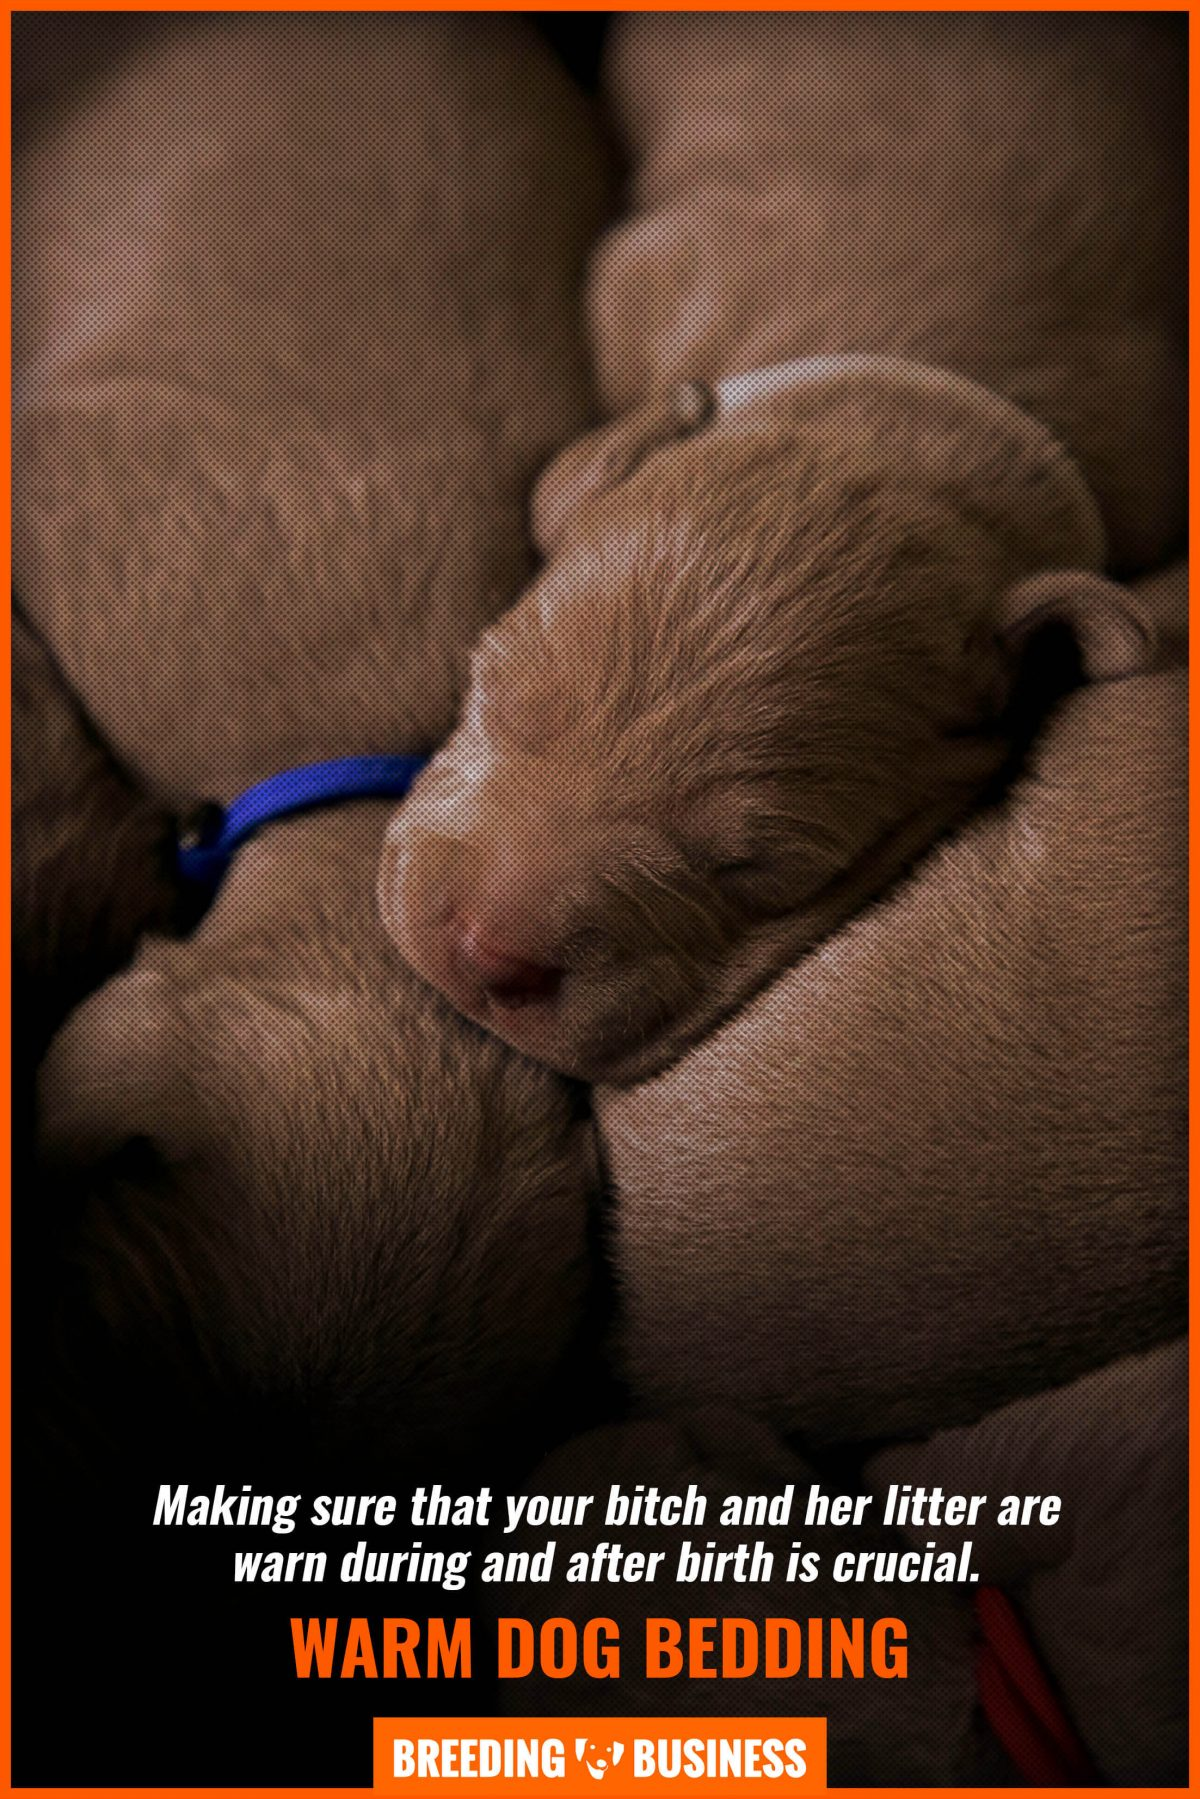 warm dog bedding